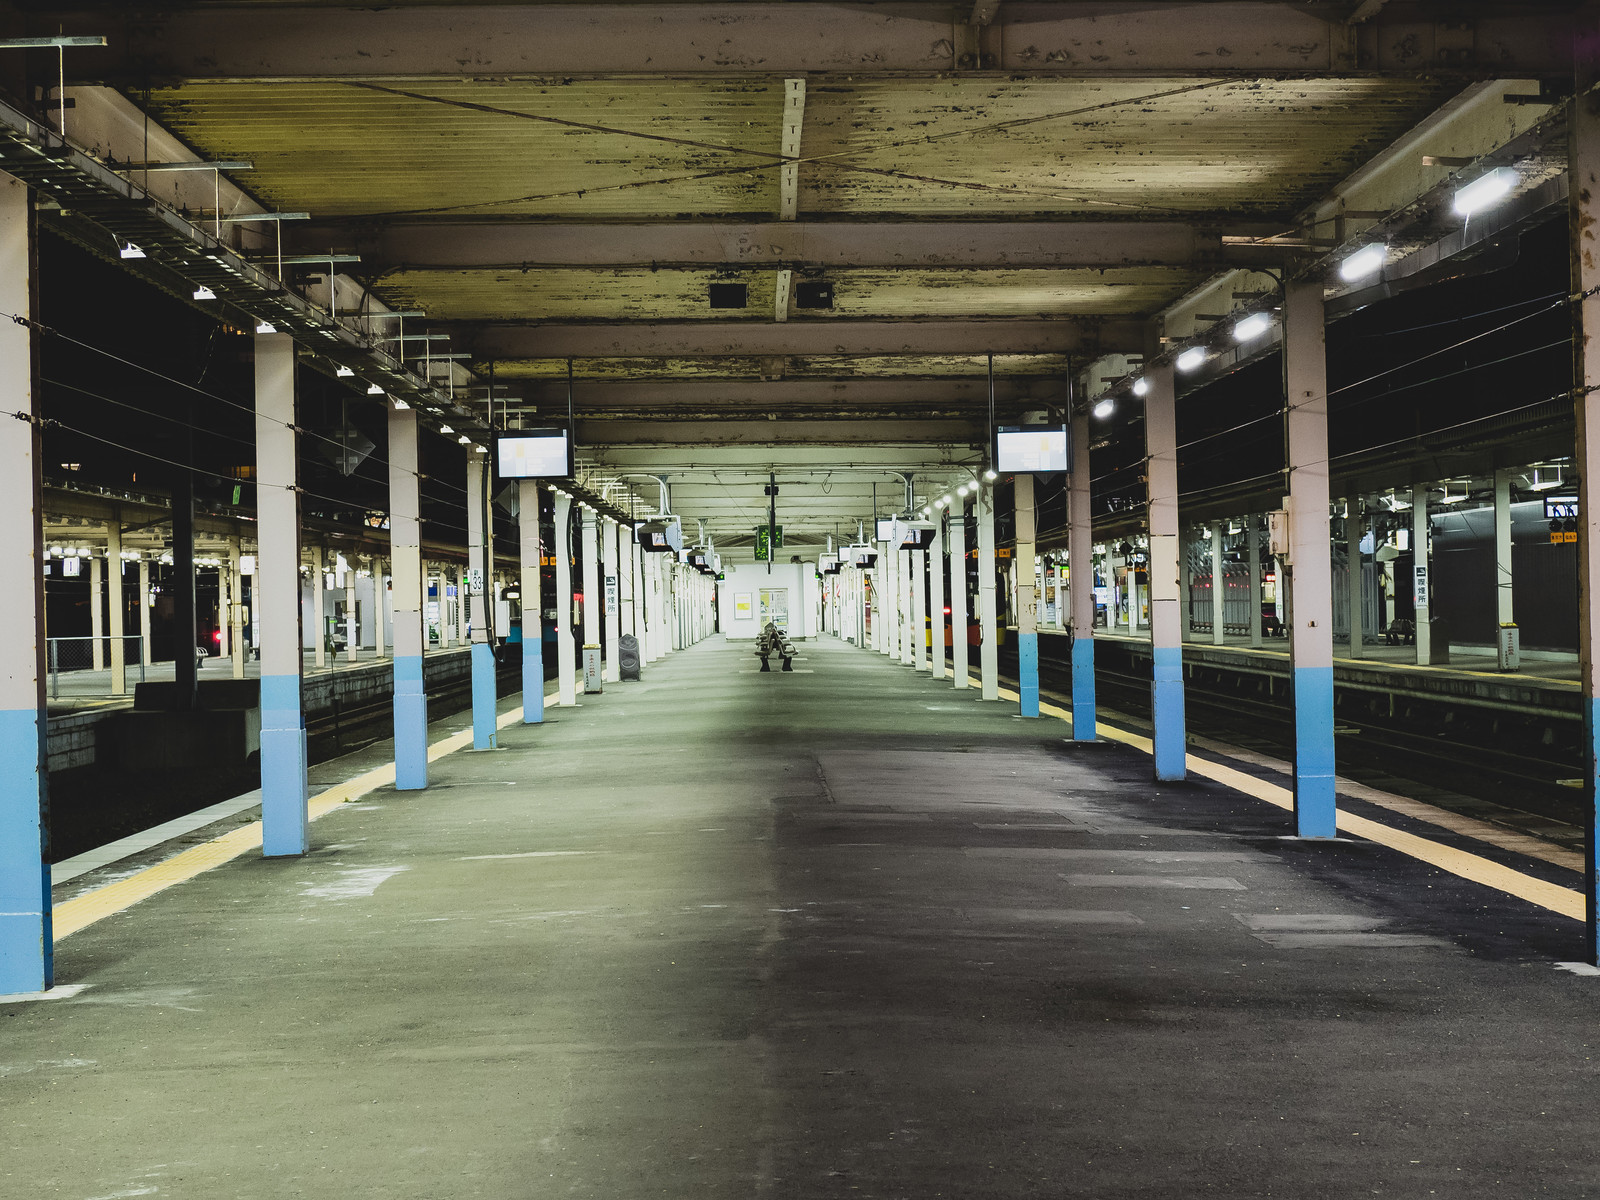 「静寂に包まれる夜間のホーム(JR青森駅)」の写真